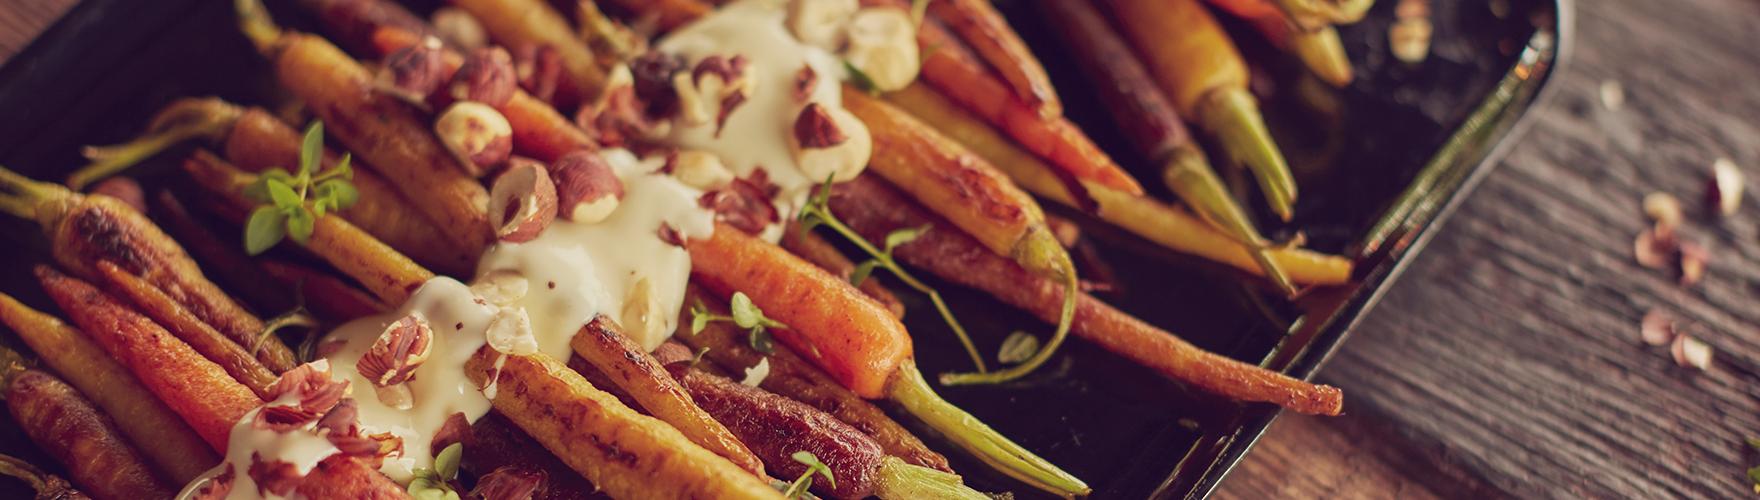 Cenouras caramelizadas com brie cremoso e avelãs